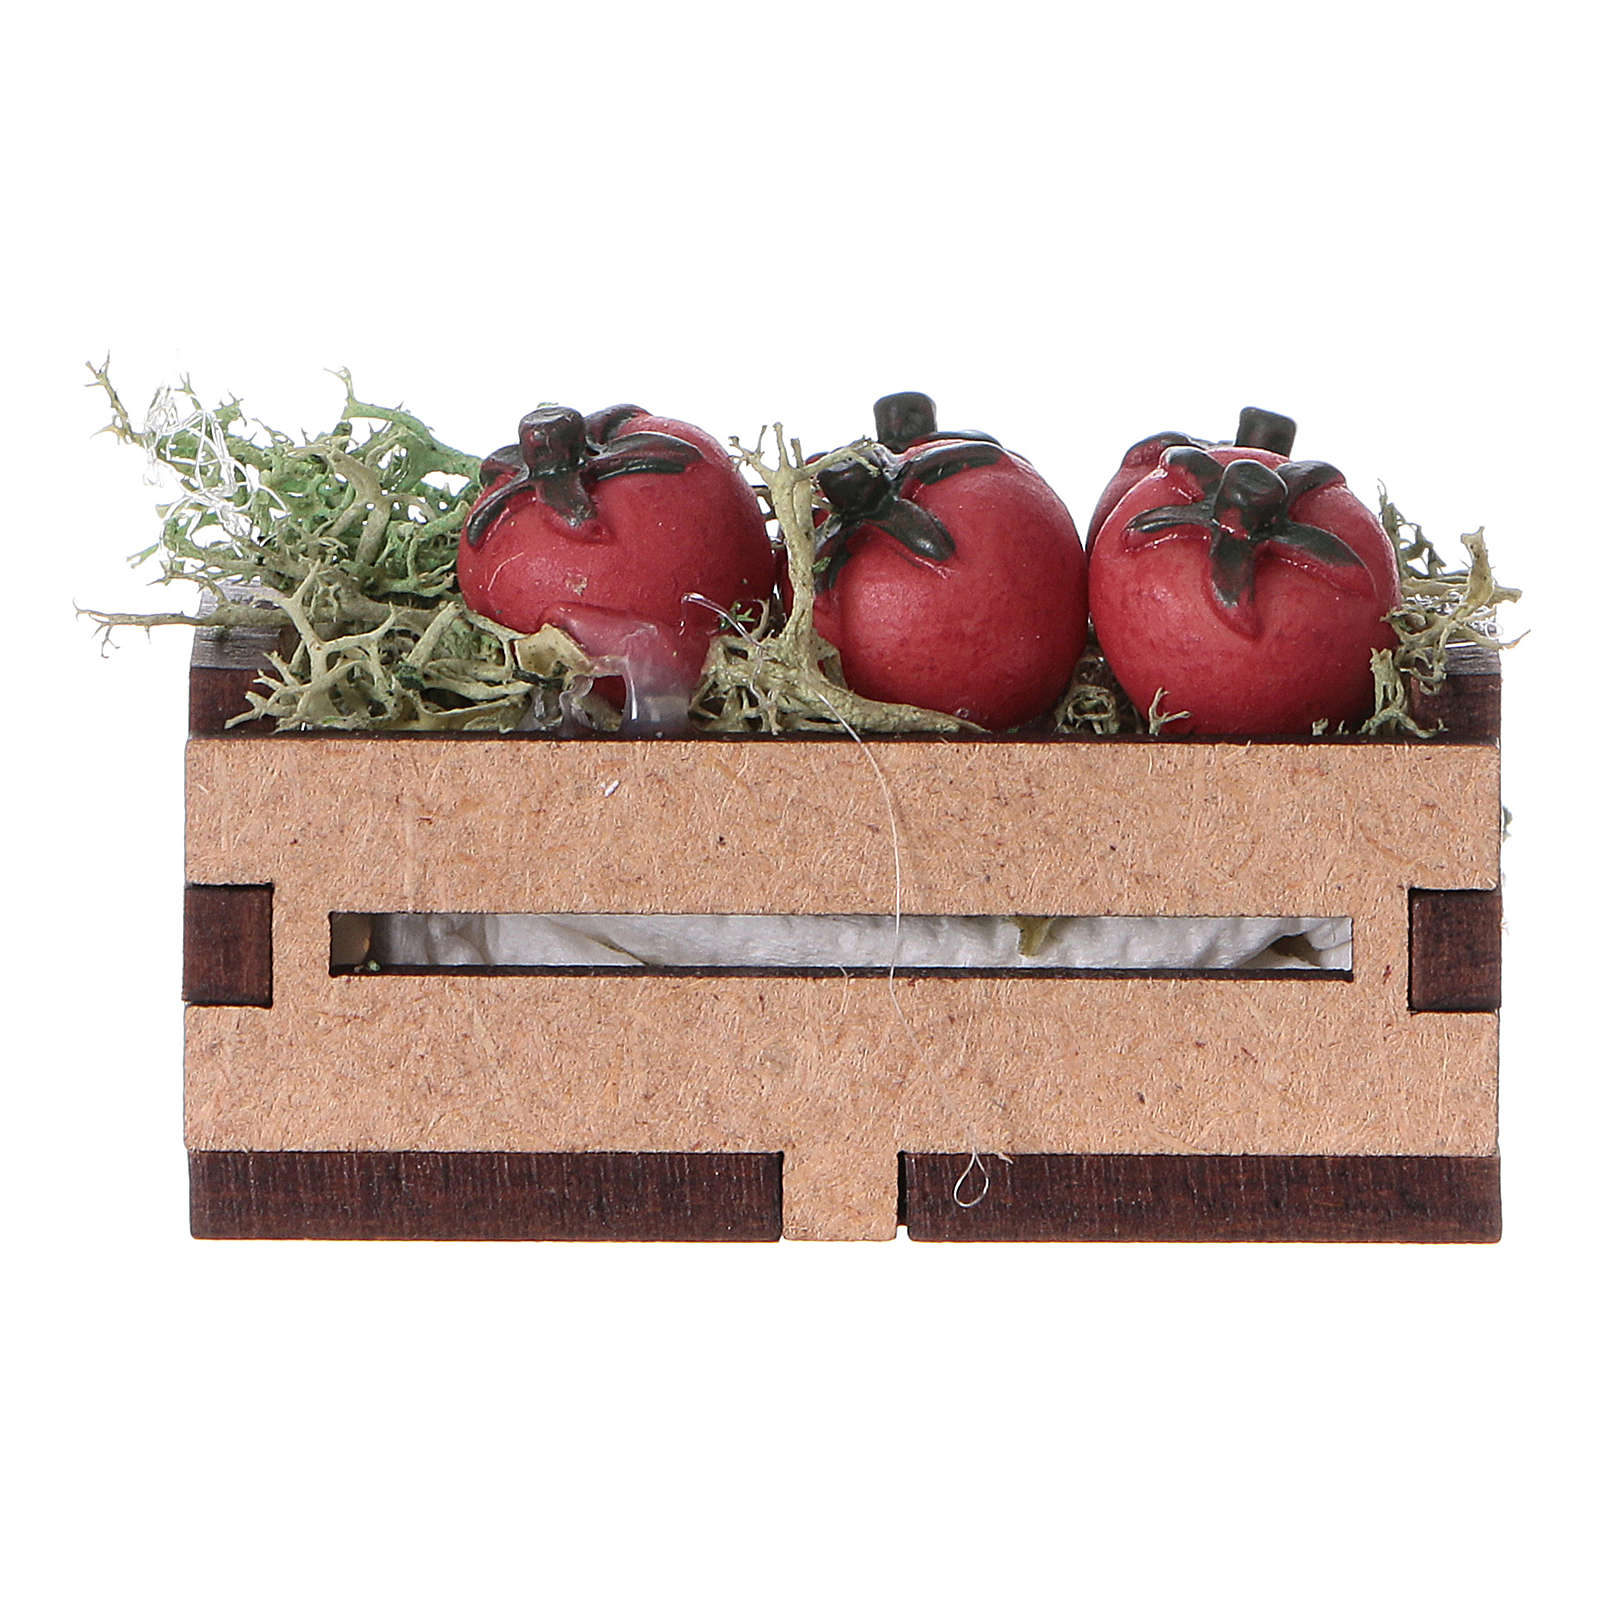 Caisse de tomates 5x5x5 cm 4